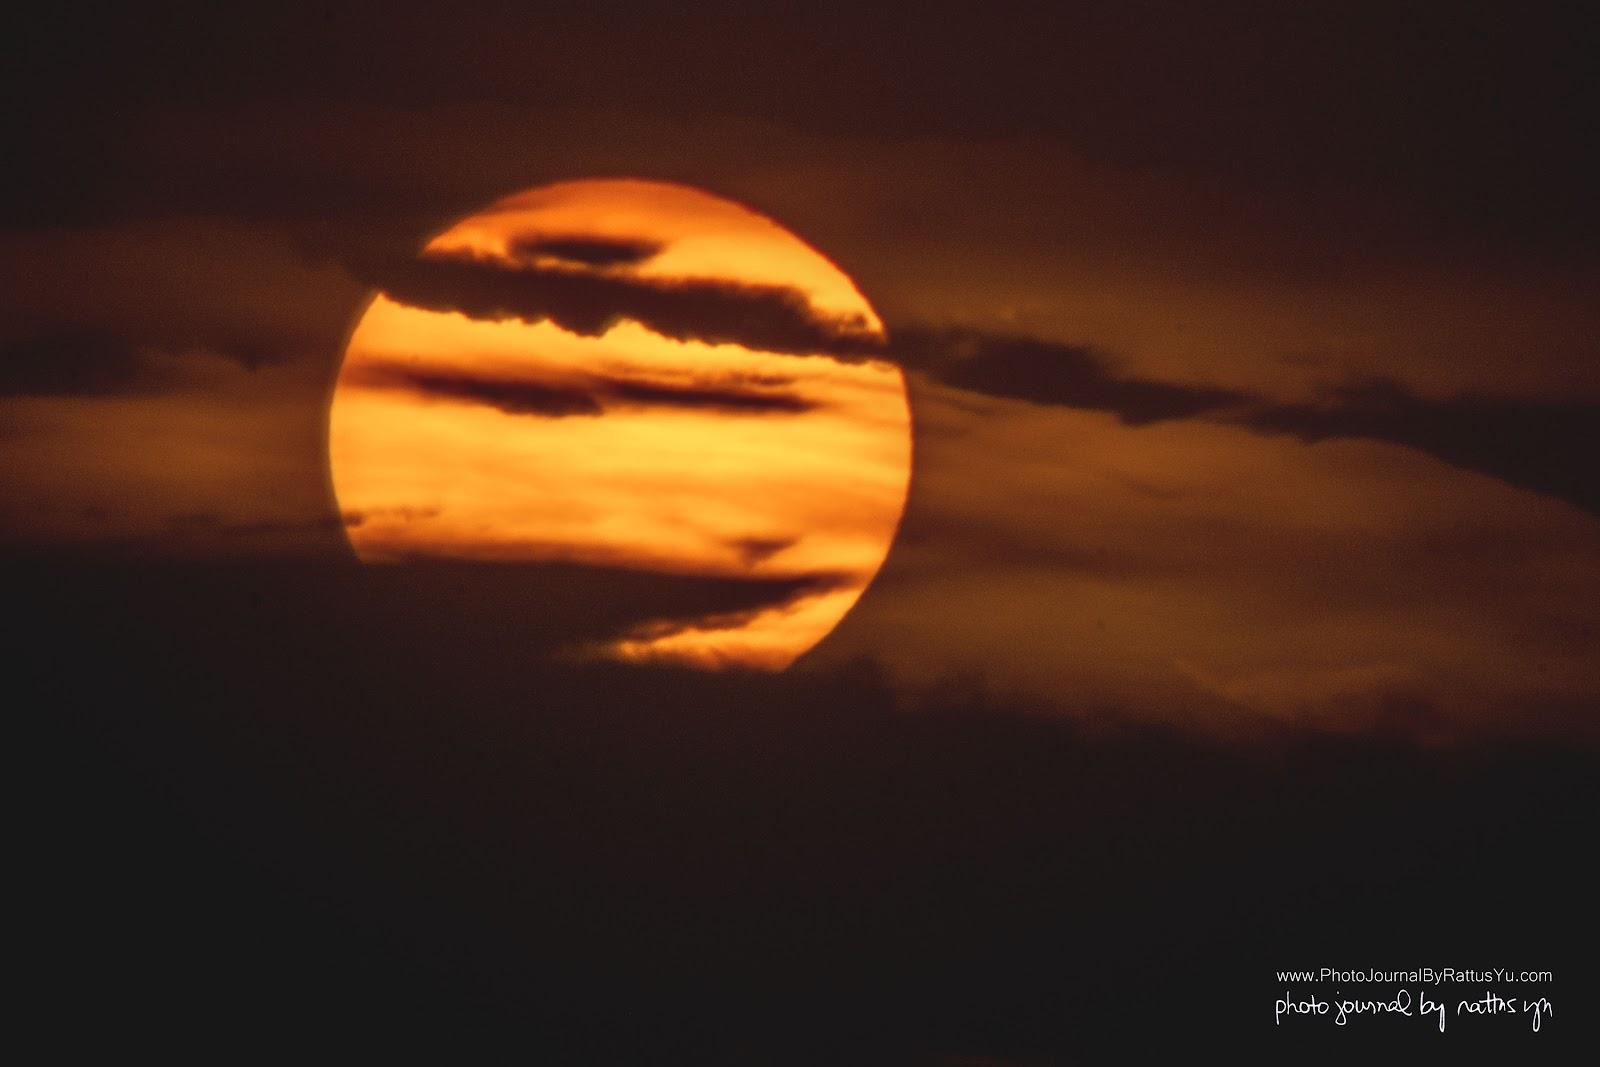 May 6, 2016: Monster Sunset At Manila Bay (Pedro Gil)